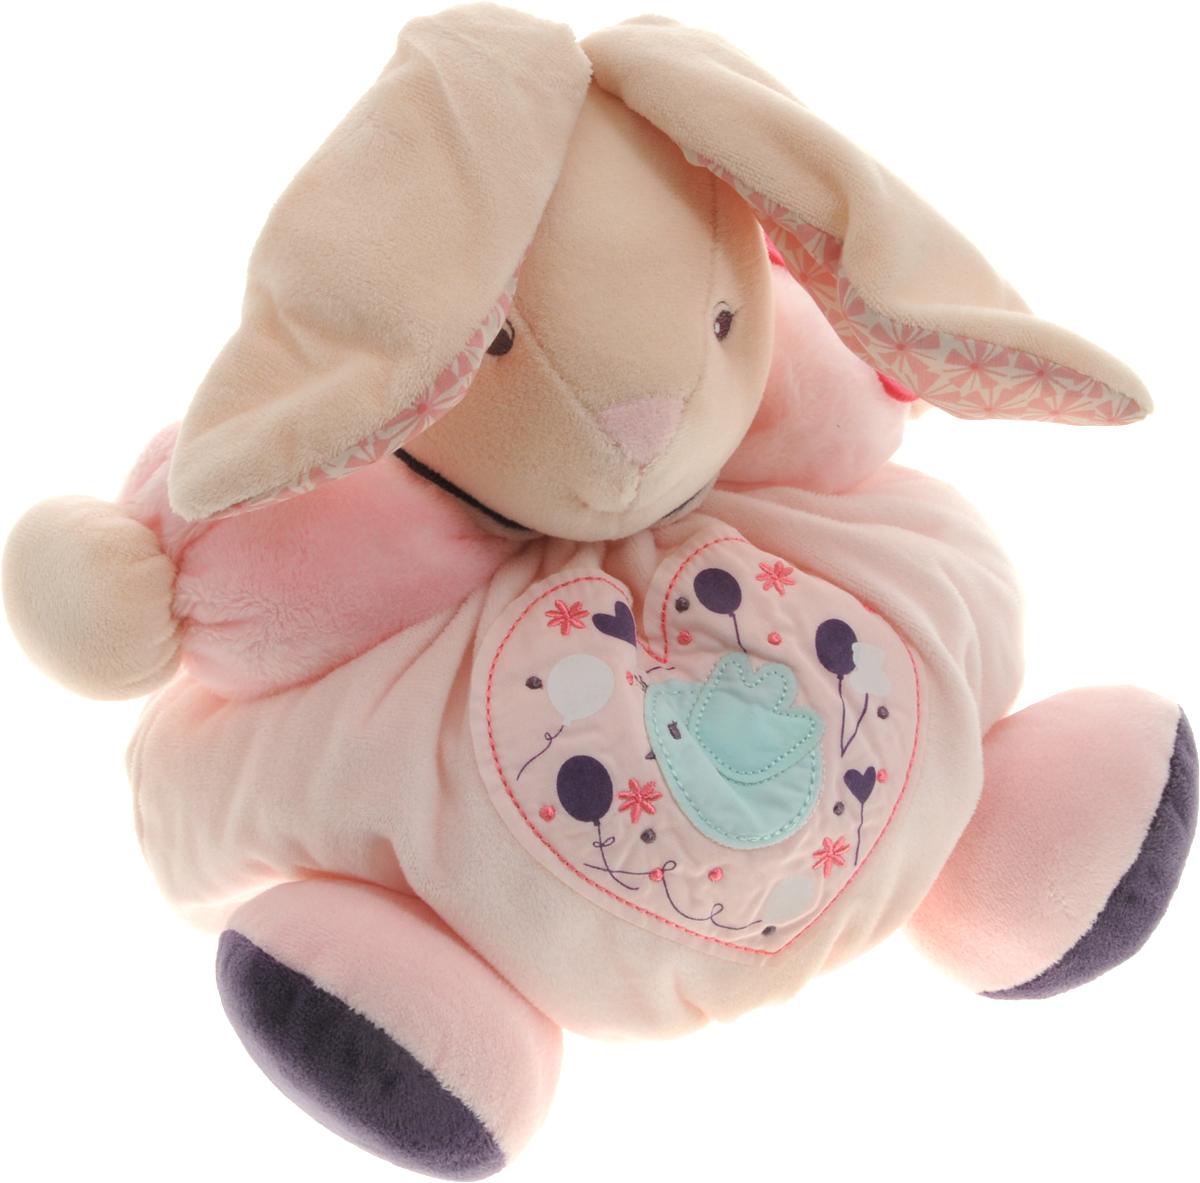 Kaloo Мягкая игрушка Заяц Птичка 23 смK969857Милый мягкий зайчик нежно-розового цвета Kaloo привлечет внимание малыша и надолго станет его постоянным спутником и любимой игрушкой. Зайчик выполнен из нескольких видов ткани, что прекрасно будет развивать тактильные ощущения малыша. На левой лапке у зайчика сидит маленькая бабочка, животик украшен красивой аппликацией с птичкой. Внутри игрушки находится погремушка, которая успокоит малыша и привлечет его внимание. Игры с мягкими игрушками развивают тактильную чувствительность и сенсорное восприятие. Игрушка поставляется в стильной коробке и идеально подходит в качестве подарка.